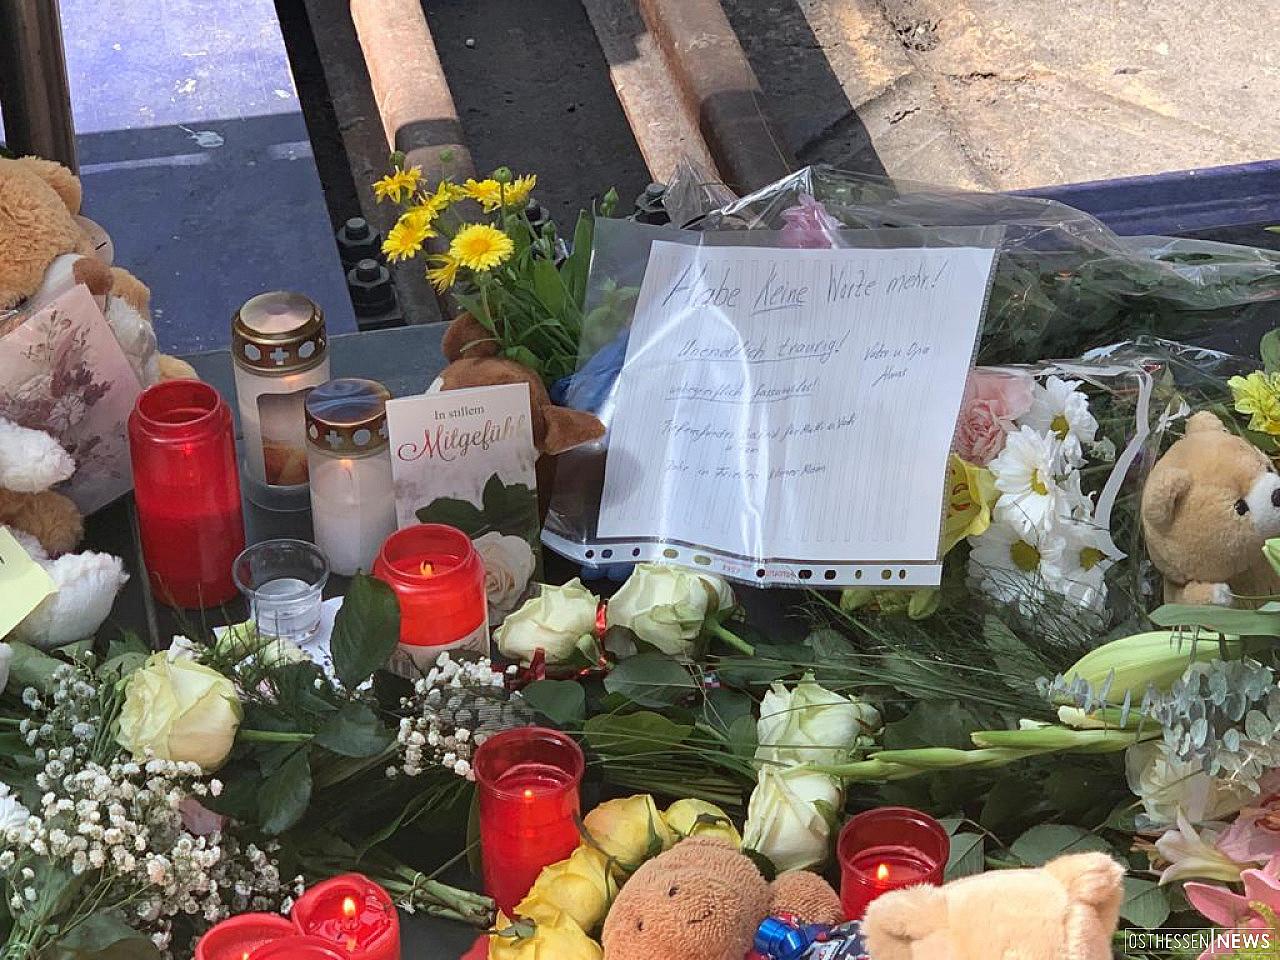 Junge vor ICE gestoßen: Nach tödlicher Gleisattacke: Gerichtsverfahren beginnt - Vermischtes